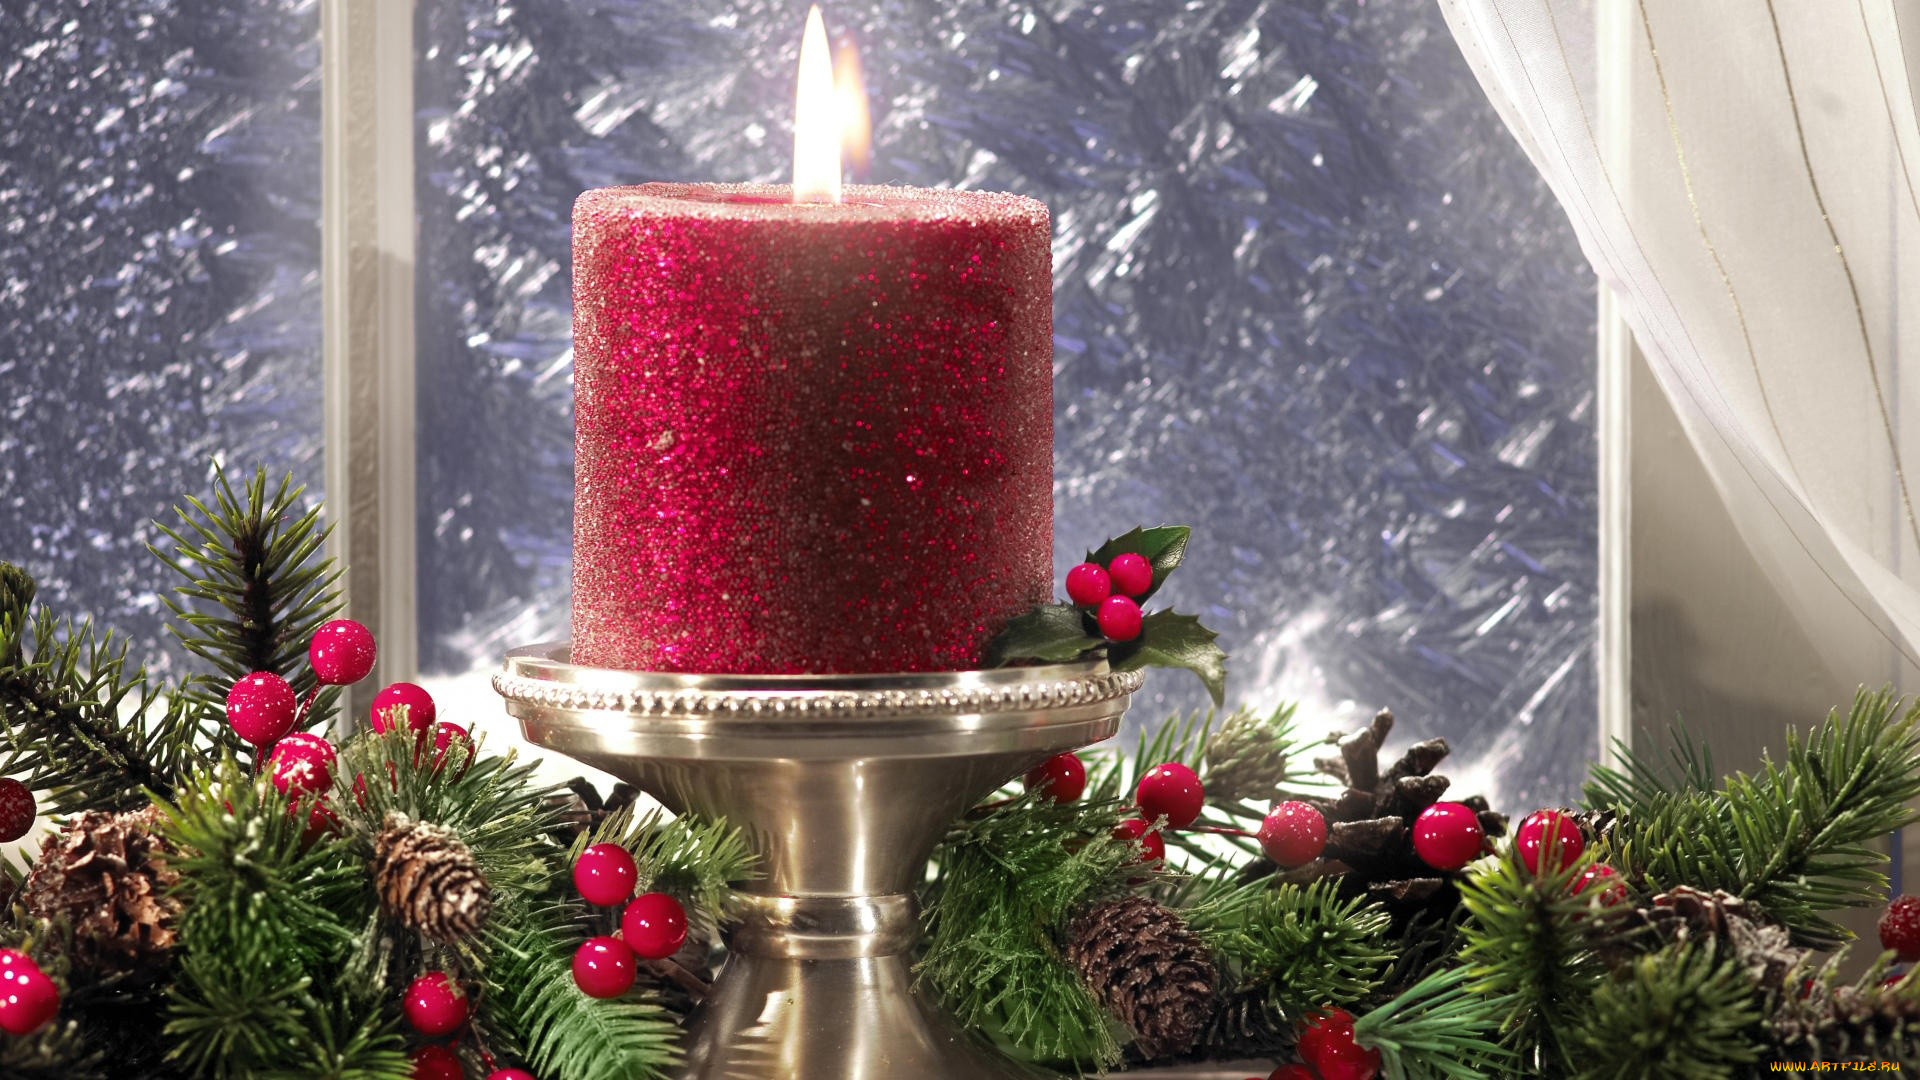 красивые картинки новогодних свечей